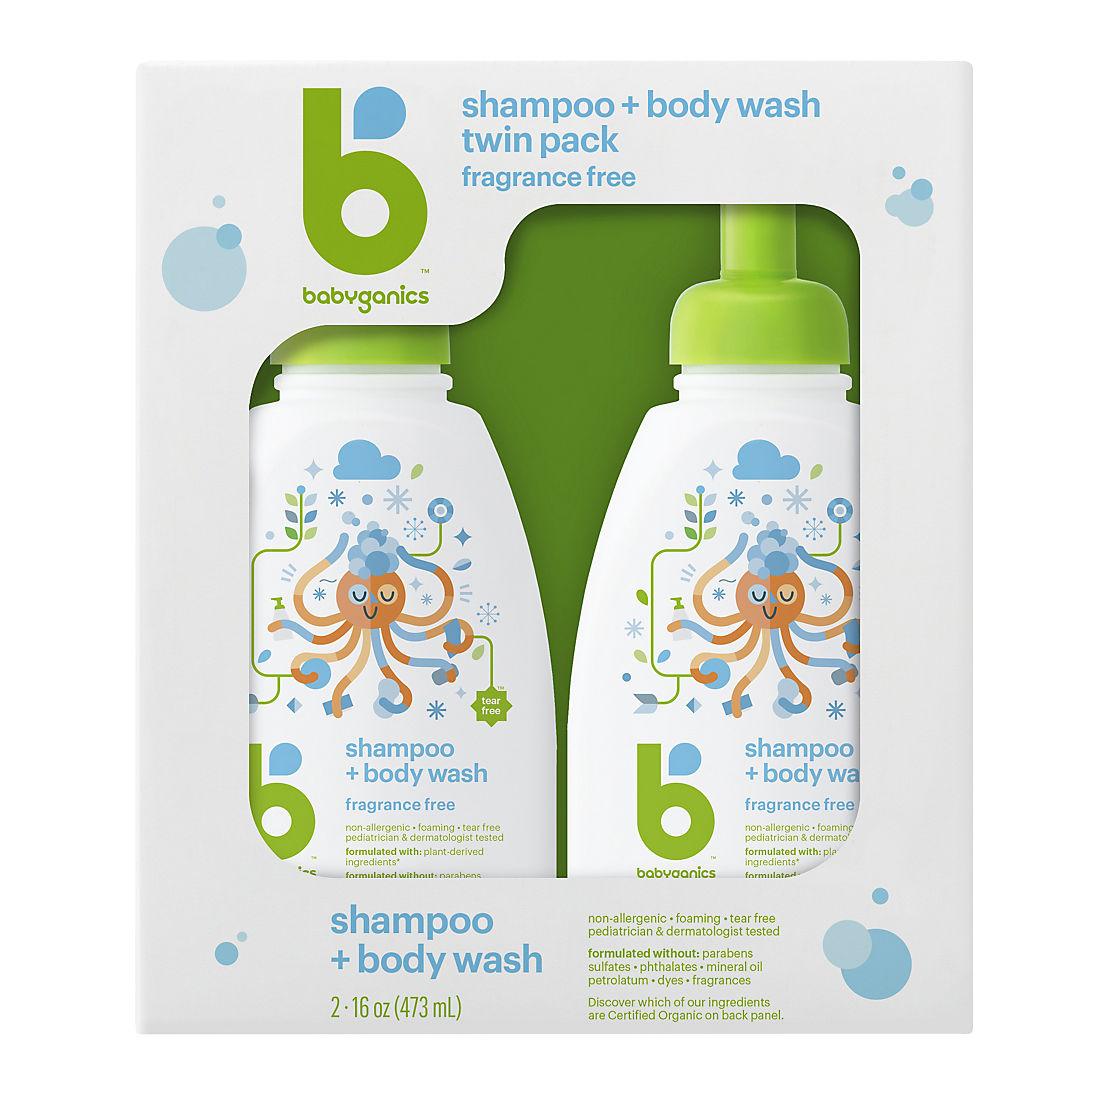 image about Babyganics Coupon Printable called Babyganics Shampoo Overall body Clean, 2 pk./16 oz.